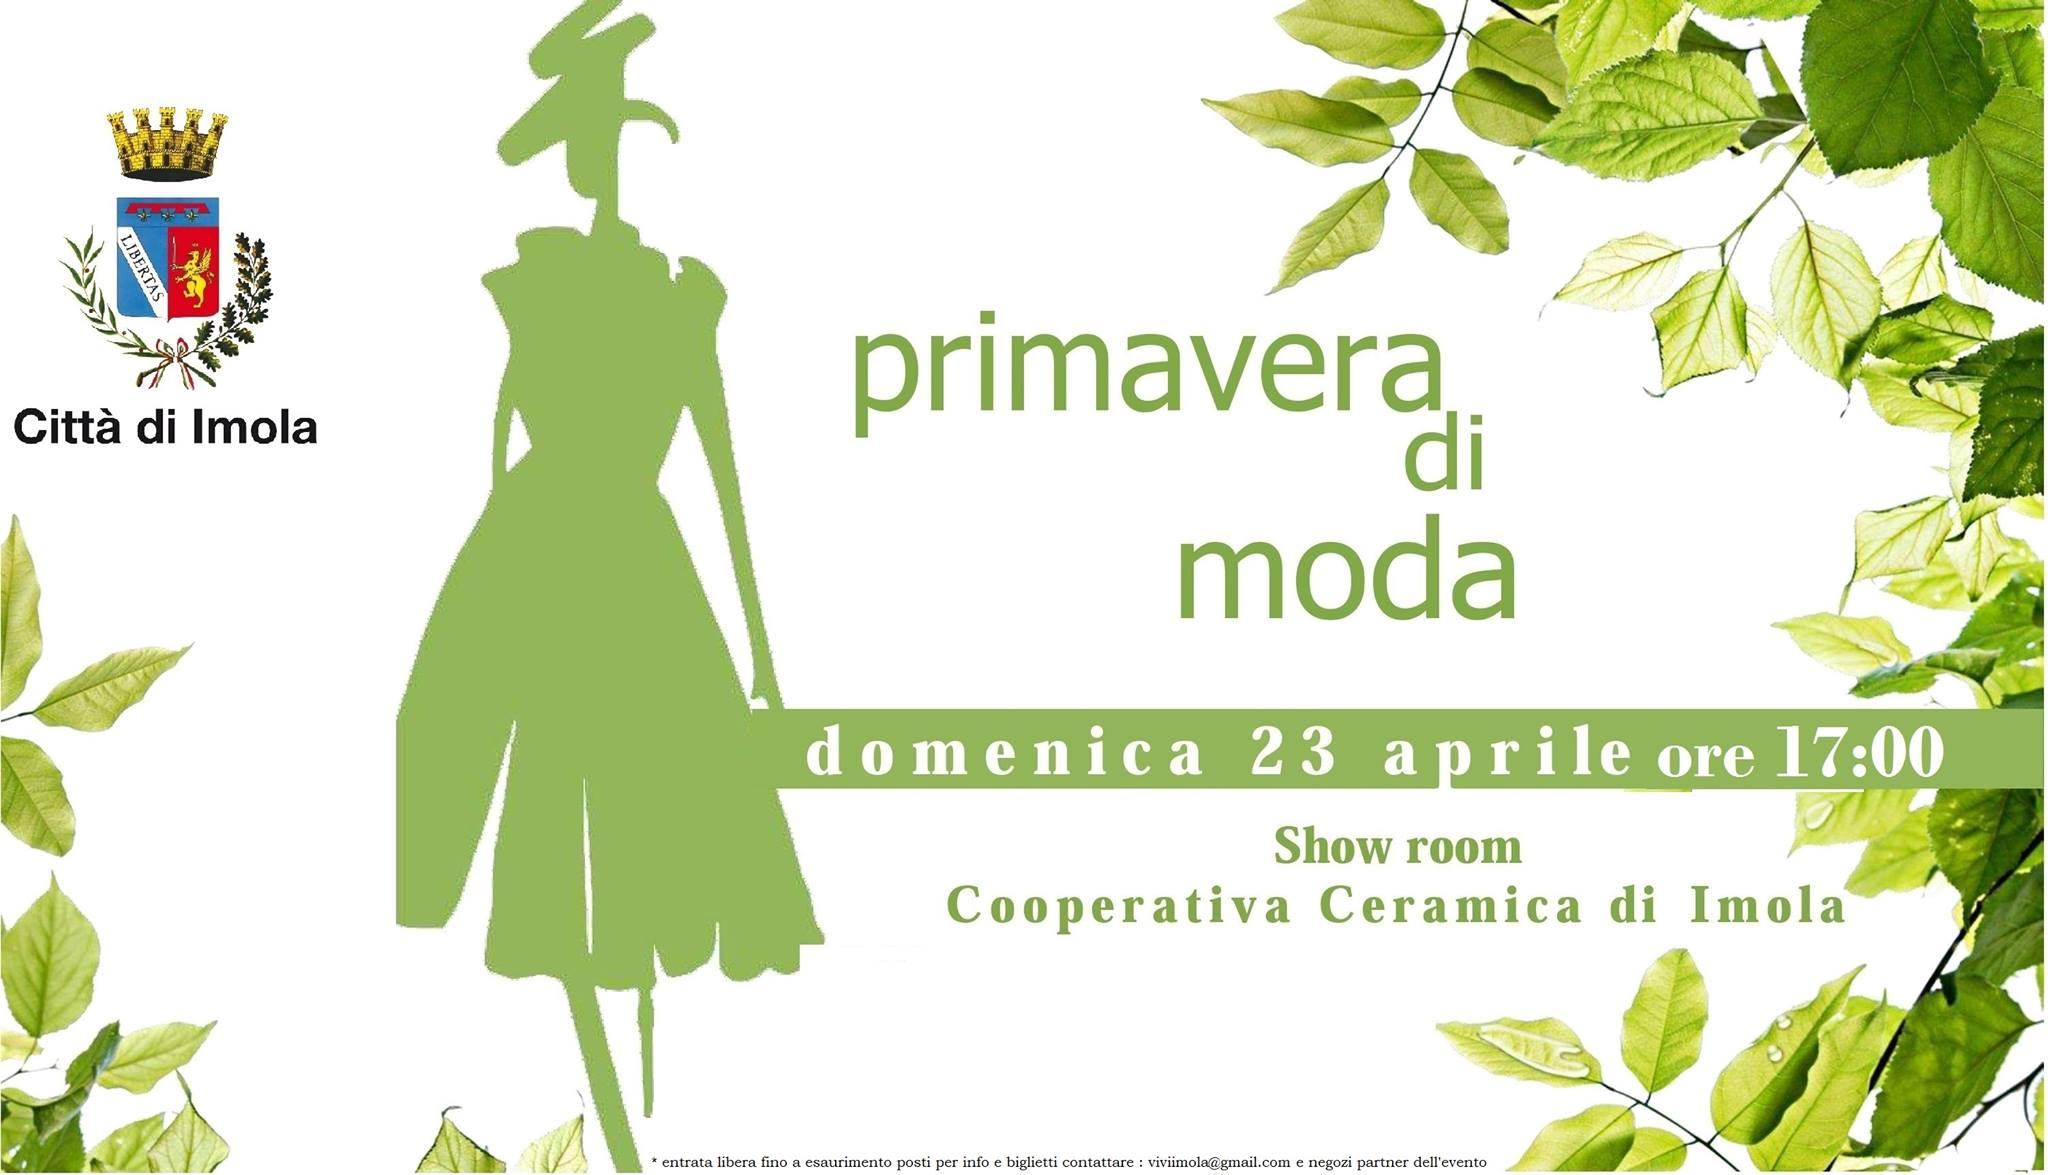 Primavera_di_moda_2017